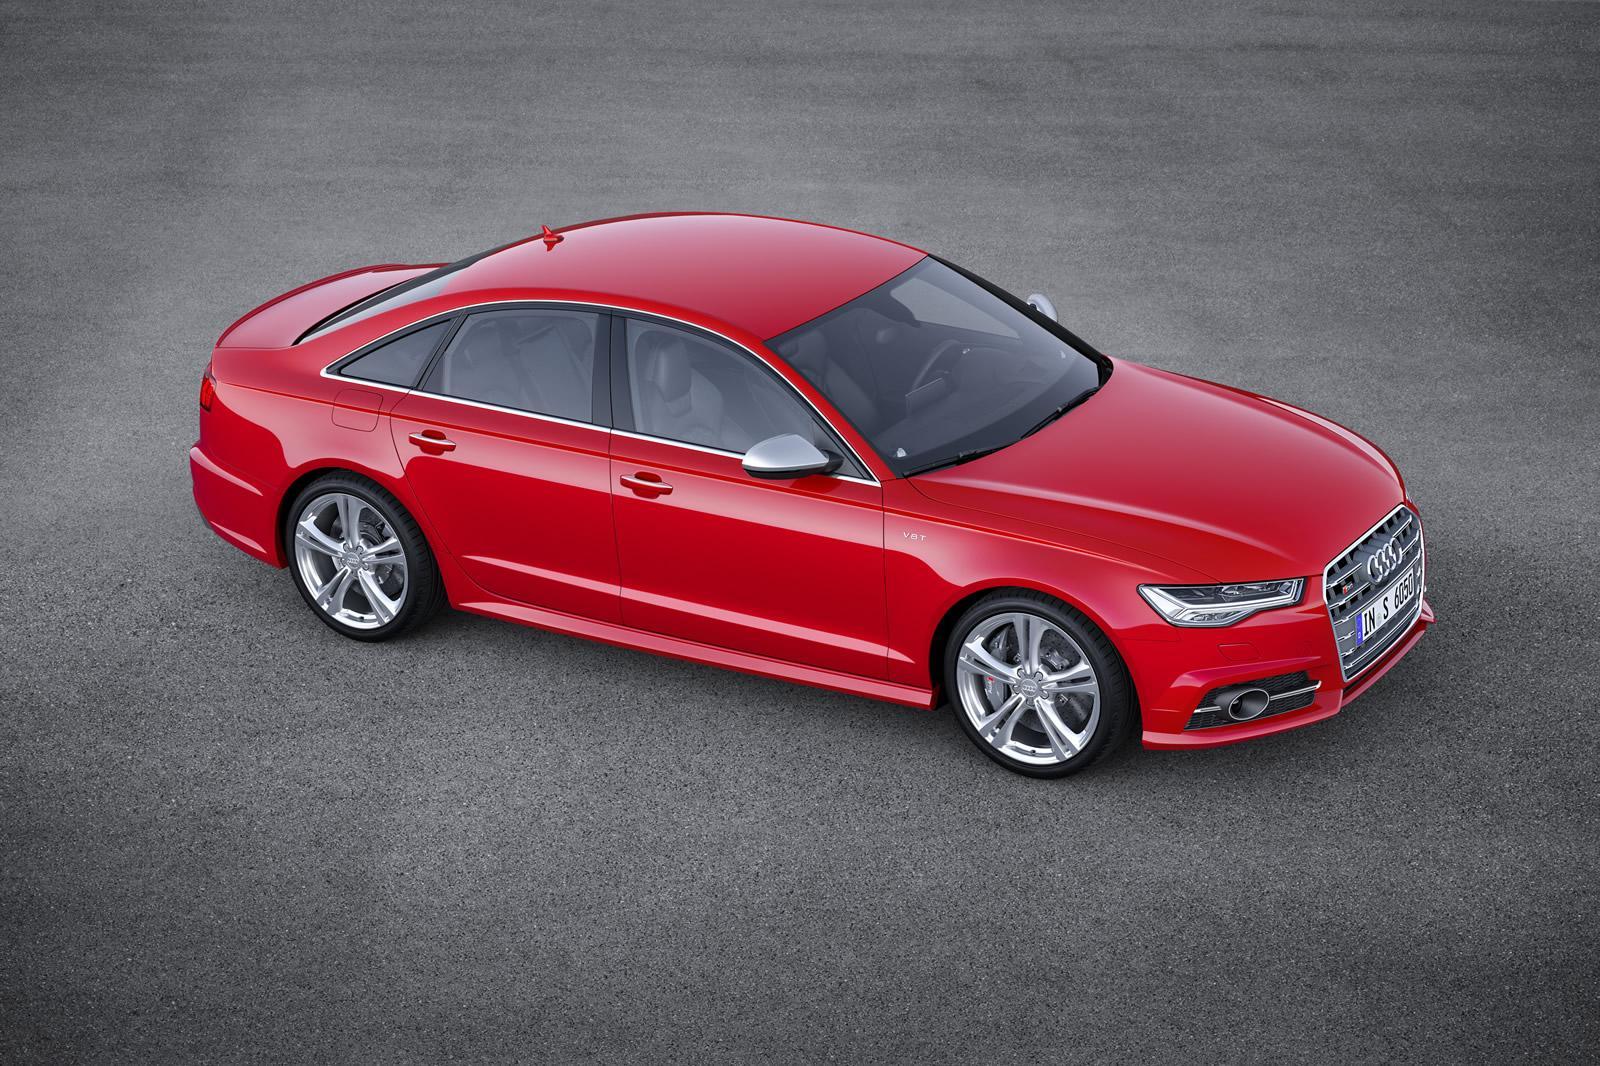 Седан Audi S6, рестайлинг 2014 года